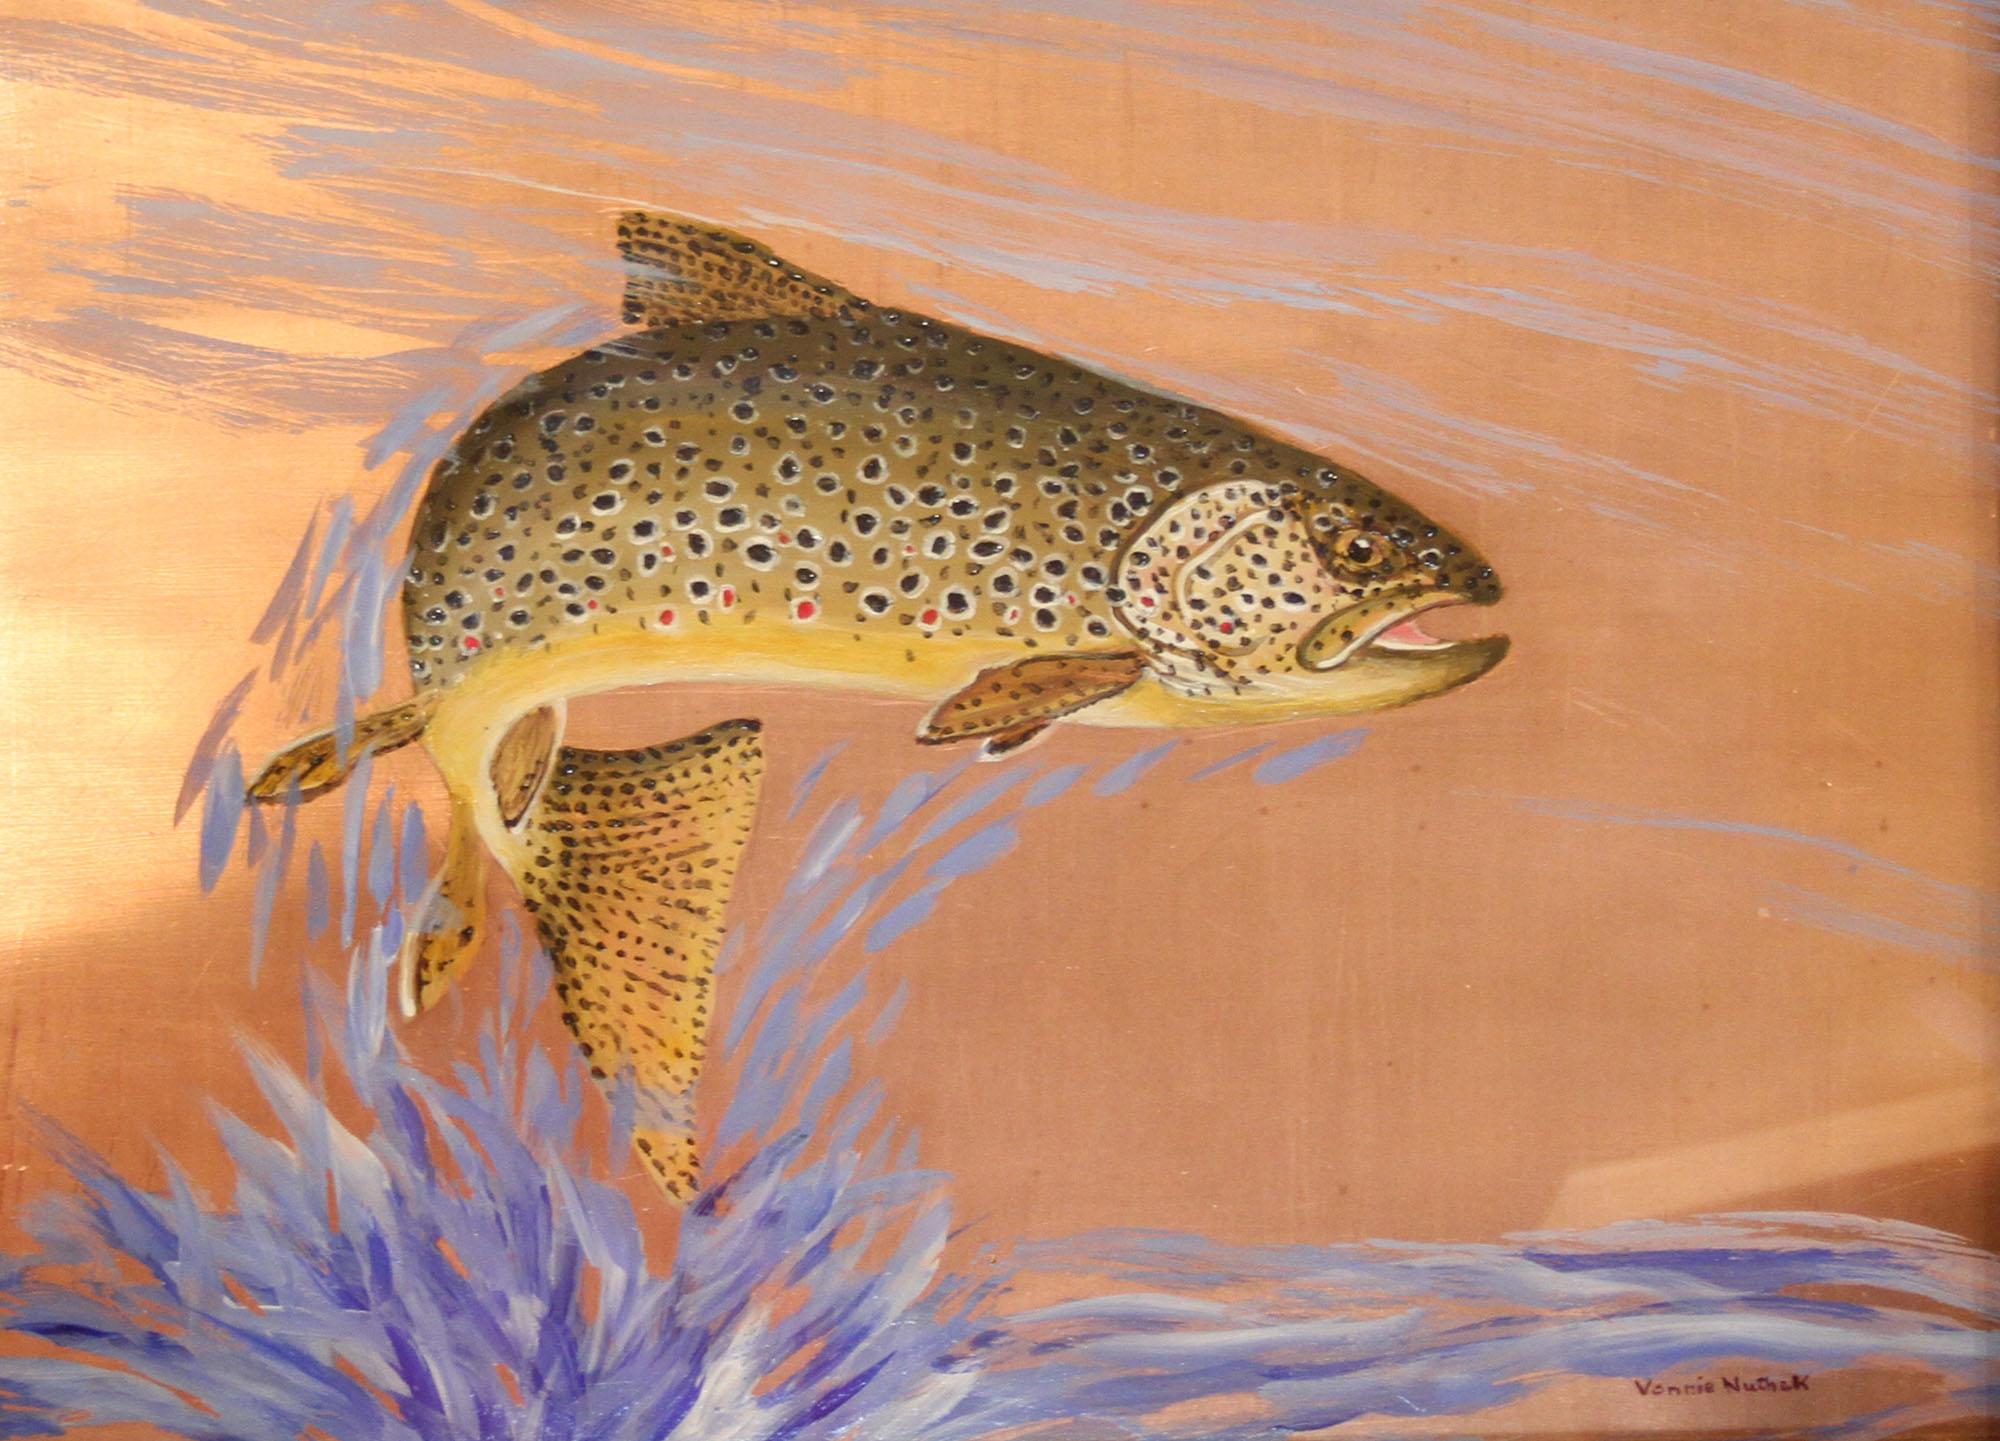 Brown Trout   - Vonnie Nuthak